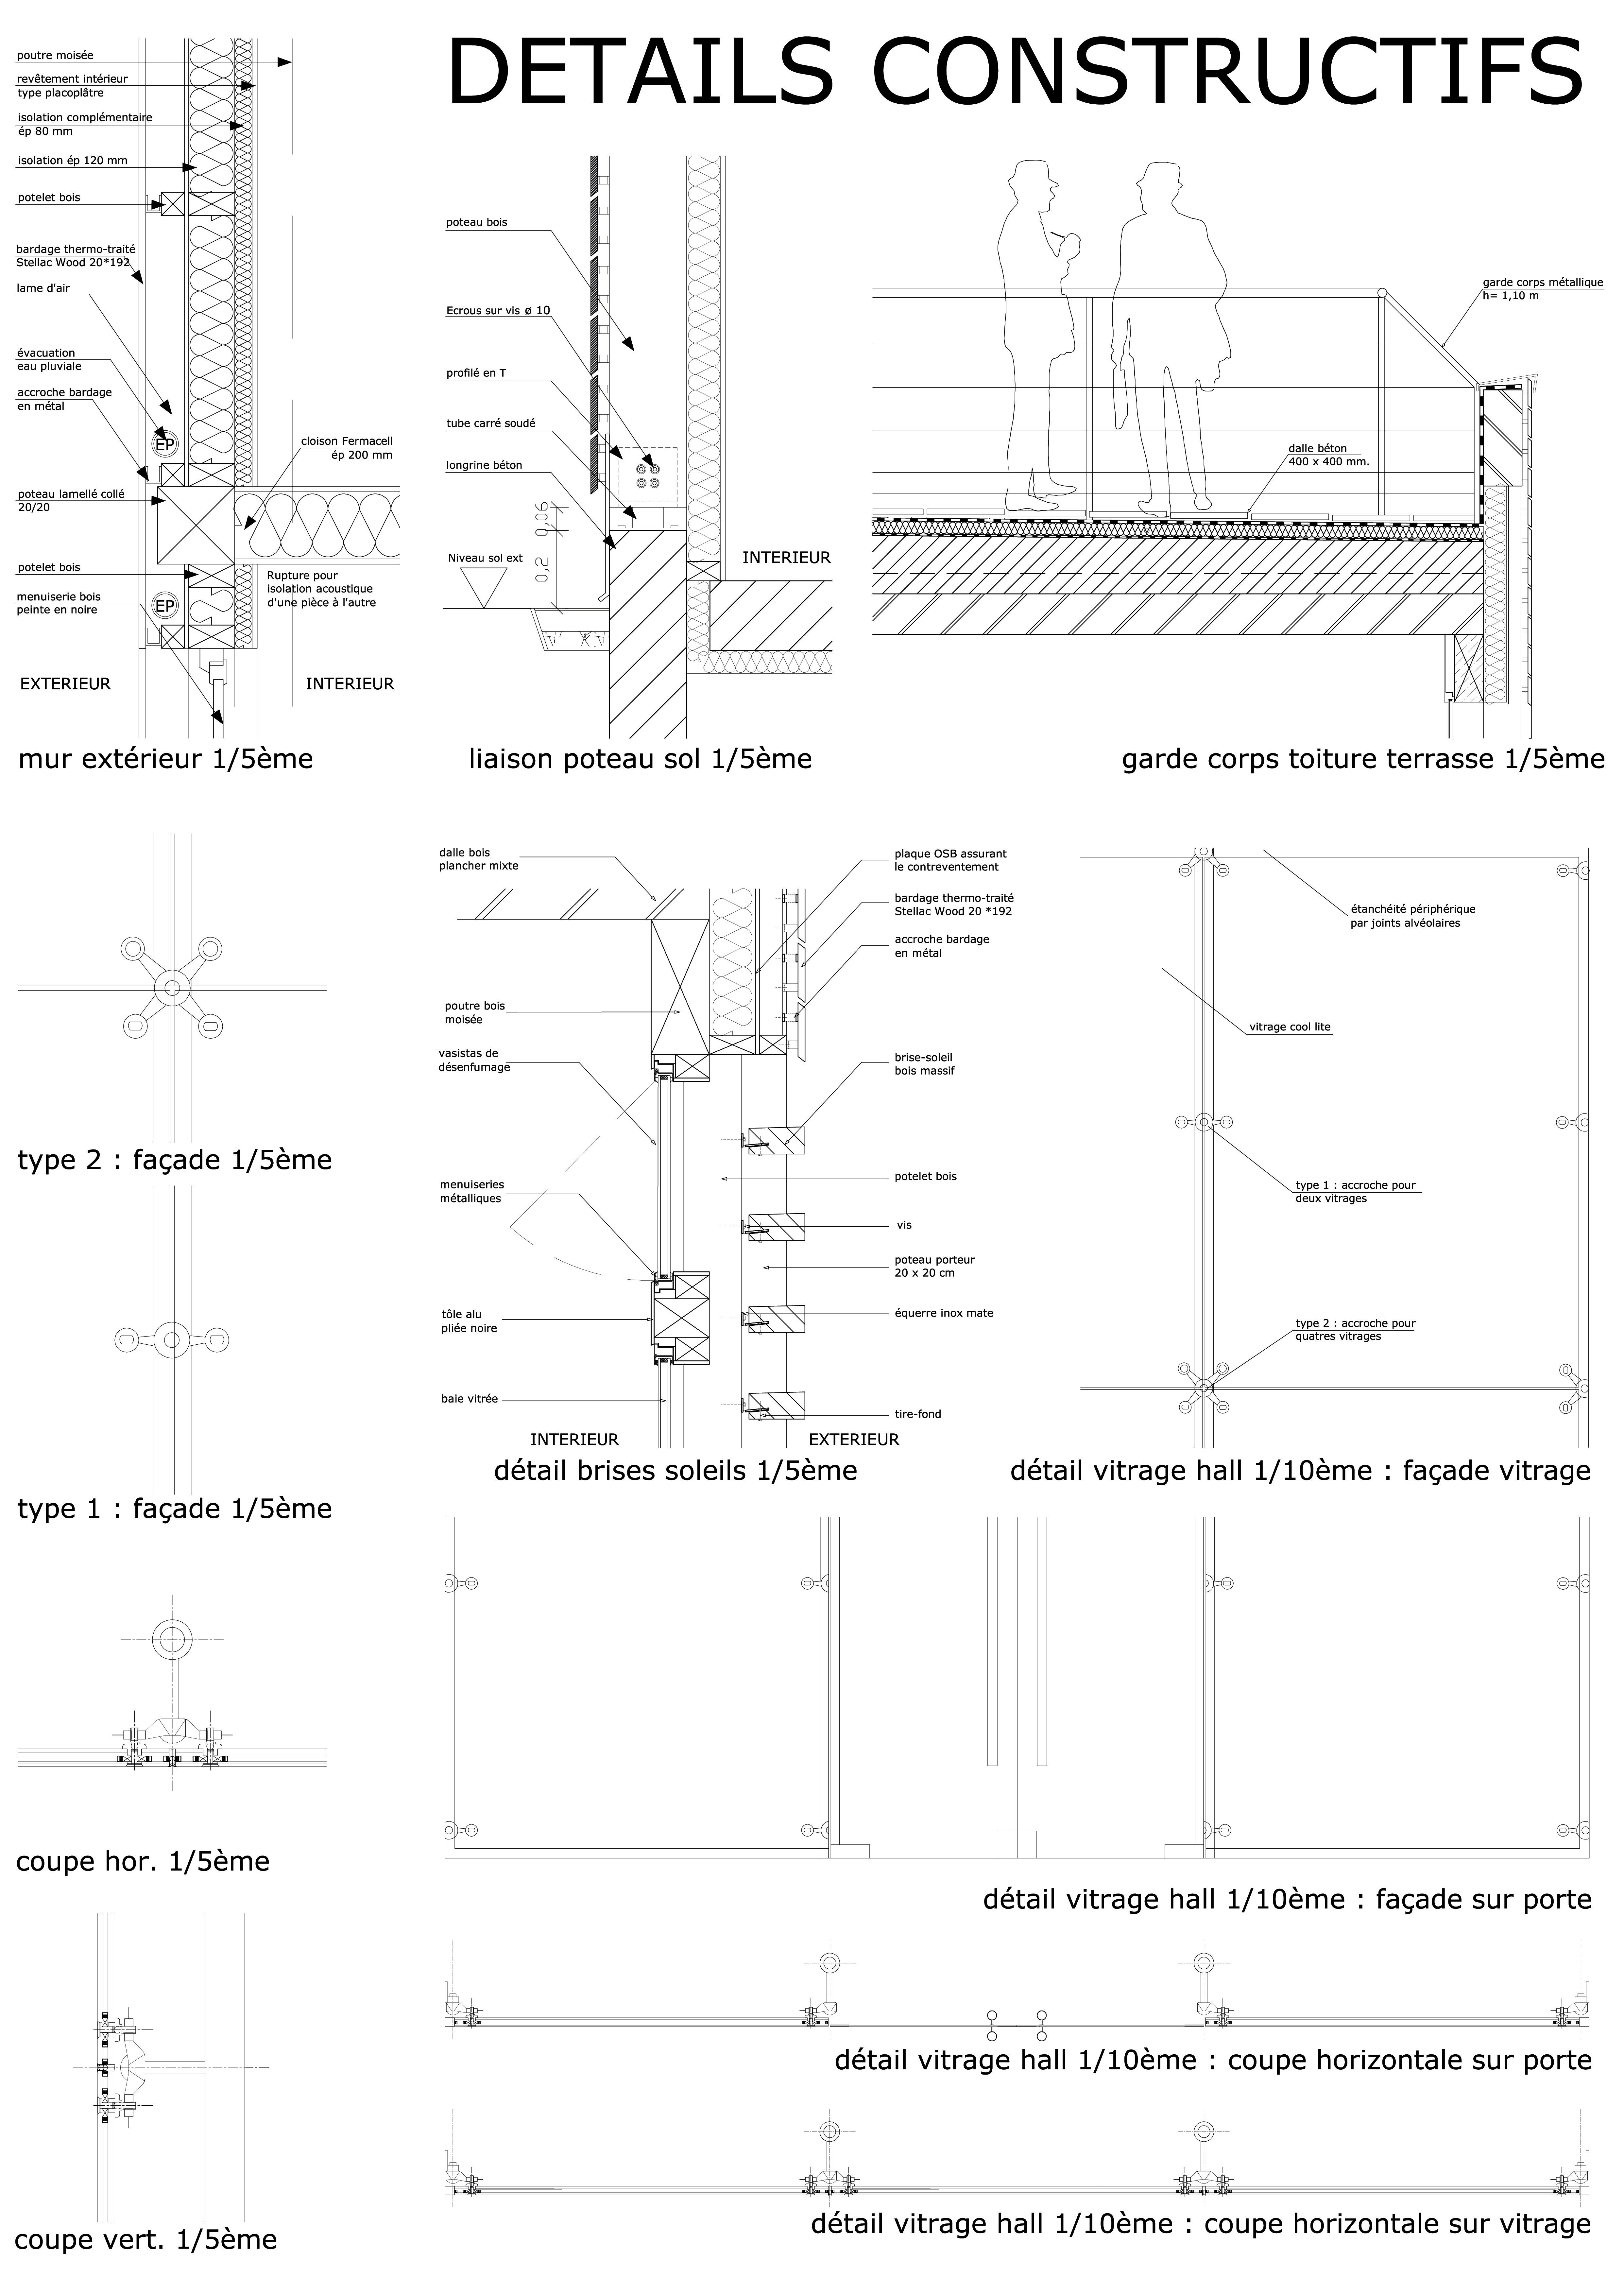 27 june 2014 simon robin design page 2